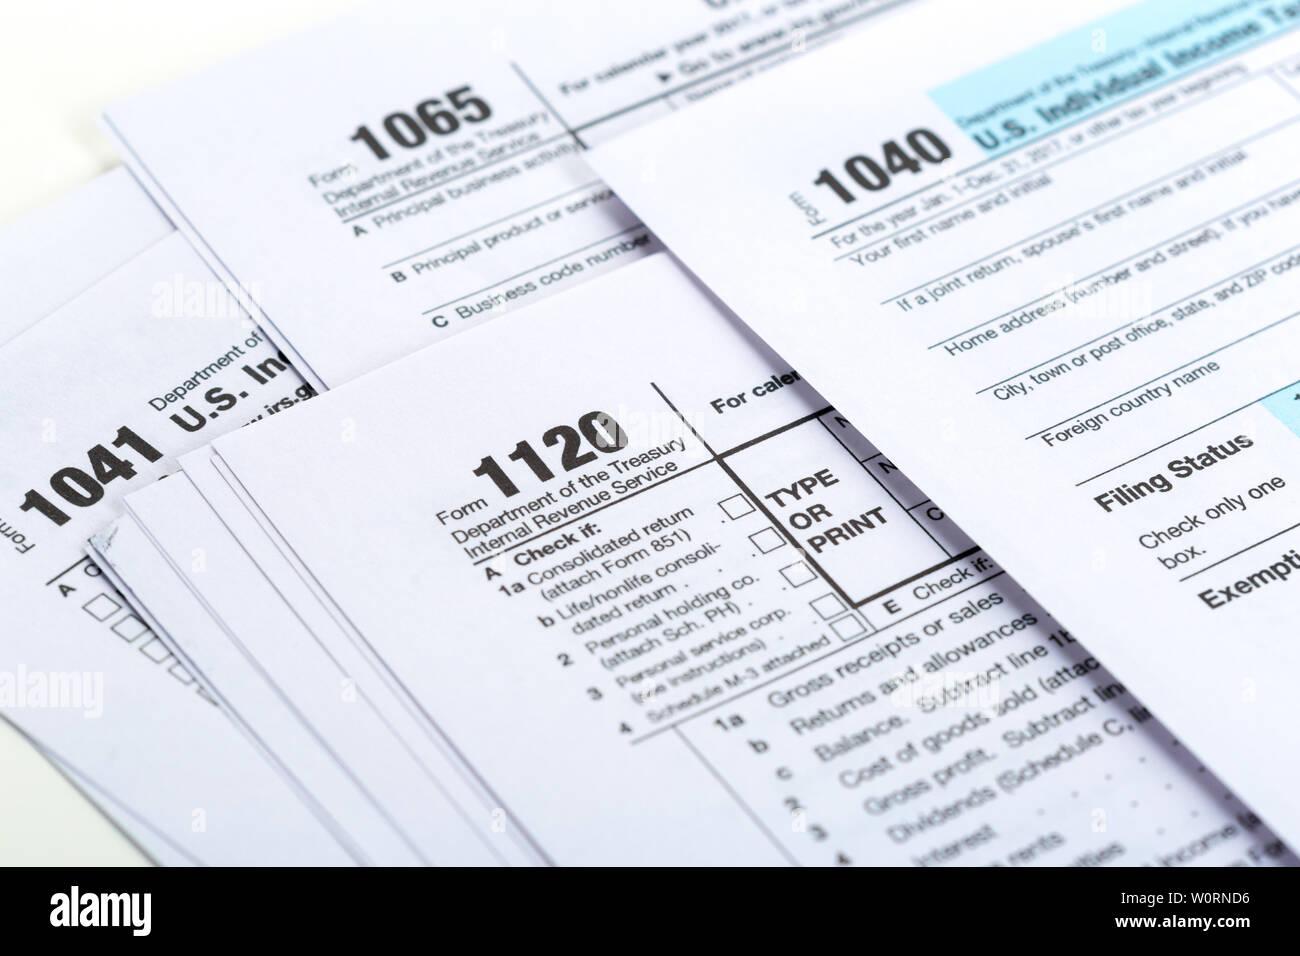 1040 Tax Computer Stock Photos & 1040 Tax Computer Stock Images - Alamy